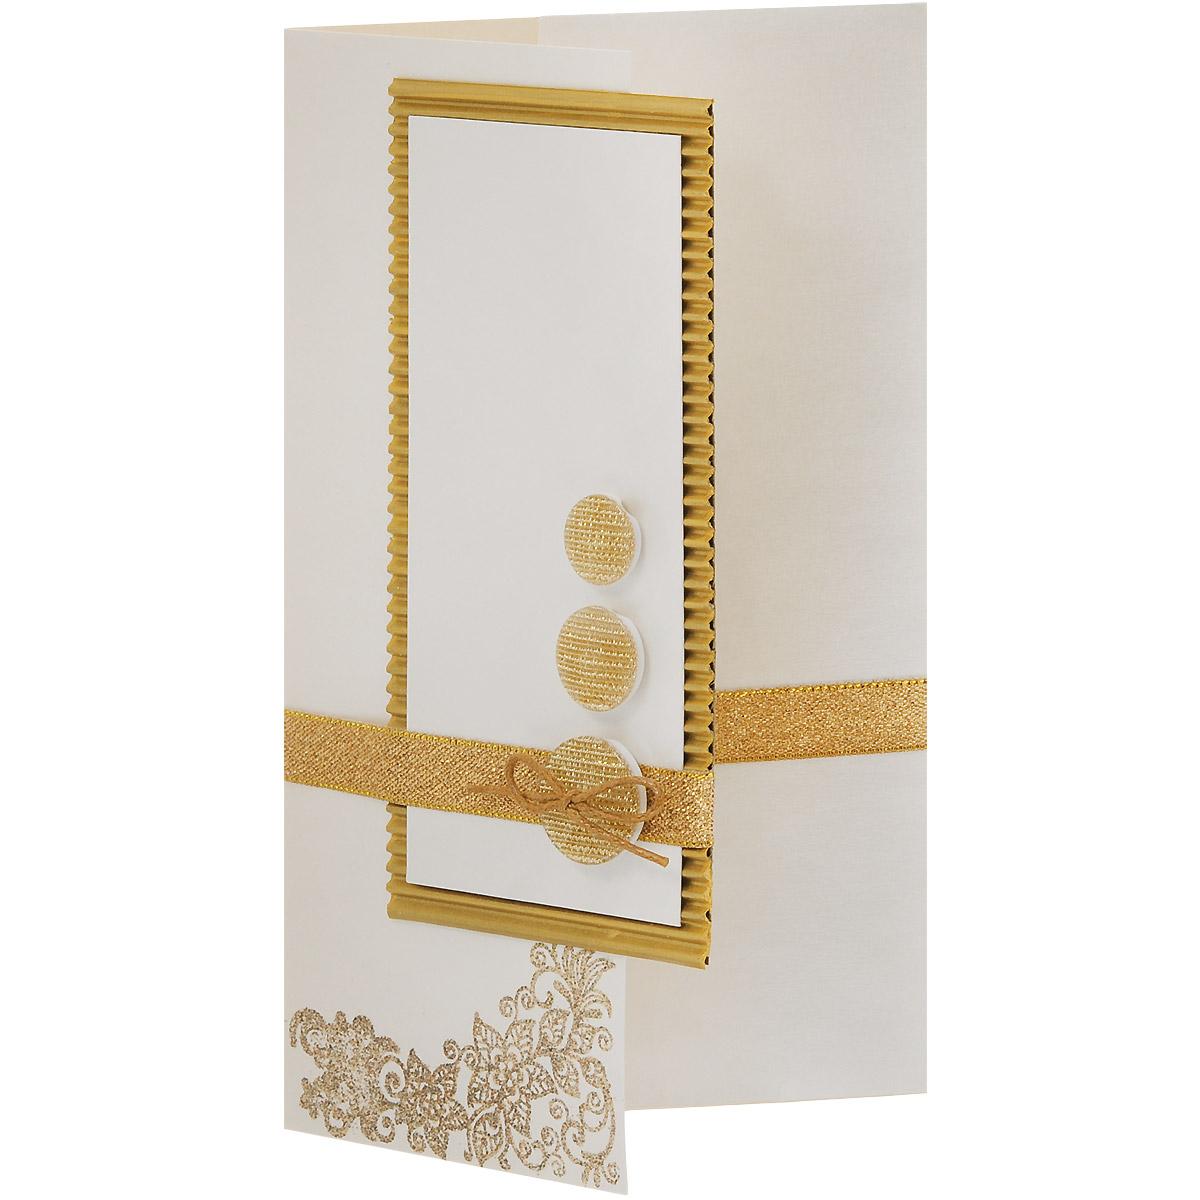 ОРАЗ-0001 Открытка-конверт (Золотые вензеля и пуговицы). Студия «Тётя Роза»Винтажные открытки №97Характеристики: Размер 19 см x 11 см. Материал: Высоко-художественный картон, бумага, декор. Данная открытка может стать как прекрасным дополнением к вашему подарку, так и самостоятельным подарком. Так как открытка является и конвертом, в который вы можете вложить ваш денежный подарок или просто написать ваши пожелания на вкладыше. Конверт для поздравления универсален в своей идее. Ненавязчивый дизайн не ориентирован на какой-то особый случай, поэтому может быть использован для любого повода. Использован гофрированный картон, парчовые ленты, блестящие пуговицы. Вензель выполнен в технике горячего термоподъема. Также открытка упакована в пакетик для сохранности. Обращаем Ваше внимание на то, что открытка может незначительно отличаться от представленной на фото.